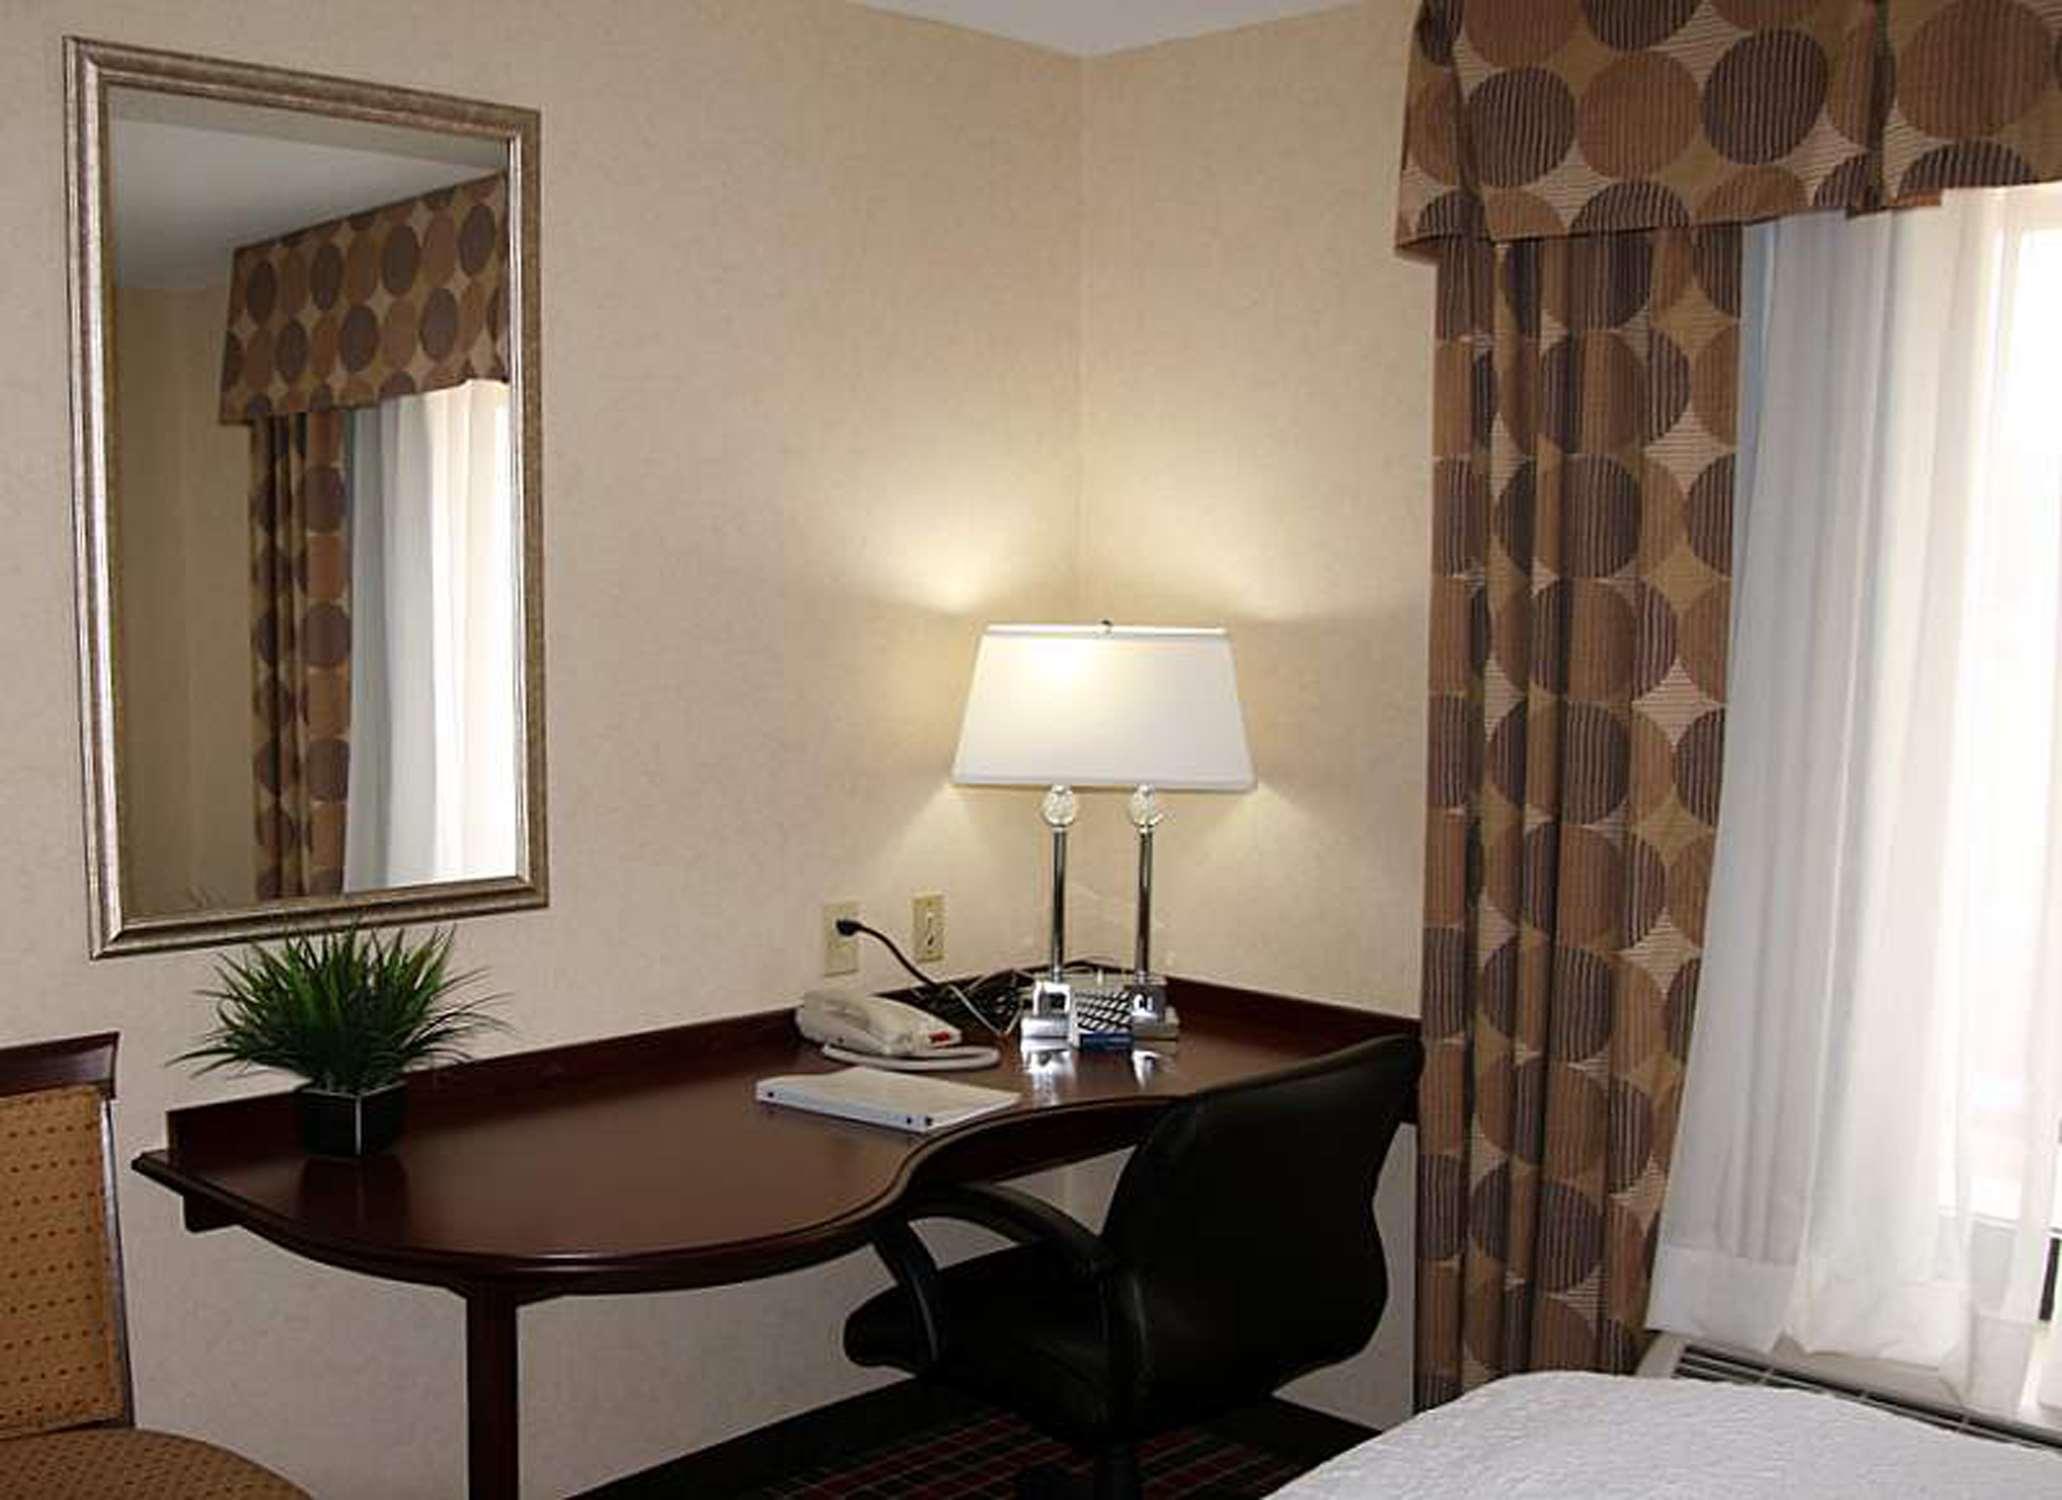 Hampton Inn & Suites Dayton-Airport image 32